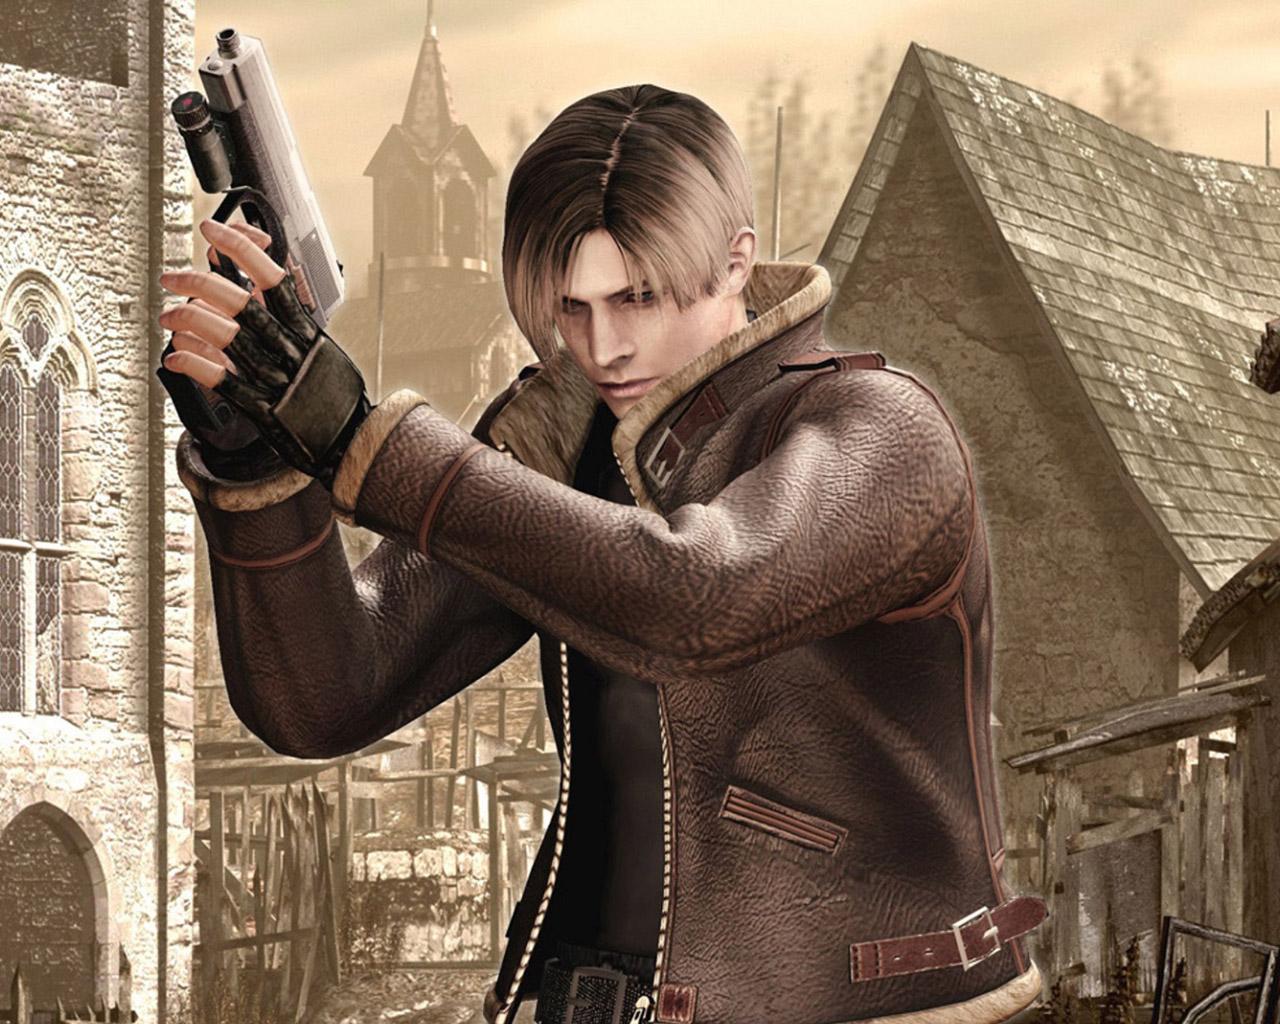 Free Resident Evil 4 Wallpaper in 1280x1024